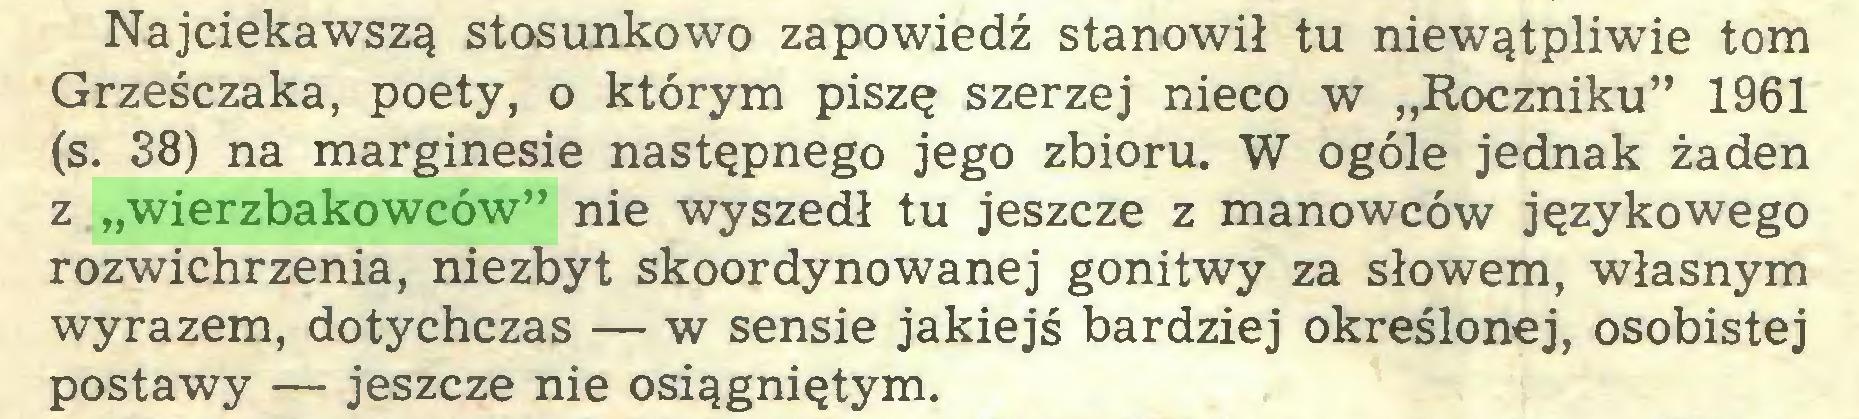 """(...) Najciekawszą stosunkowo zapowiedź stanowił tu niewątpliwie tom Grześczaka, poety, o którym piszę szerzej nieco w """"Roczniku"""" 1961 (s. 38) na marginesie następnego jego zbioru. W ogóle jednak żaden z """"wierzbakowców"""" nie wyszedł tu jeszcze z manowców językowego rozwichrzenia, niezbyt skoordynowanej gonitwy za słowem, własnym wyrazem, dotychczas — w sensie jakiejś bardziej określonej, osobistej postawy — jeszcze nie osiągniętym..."""